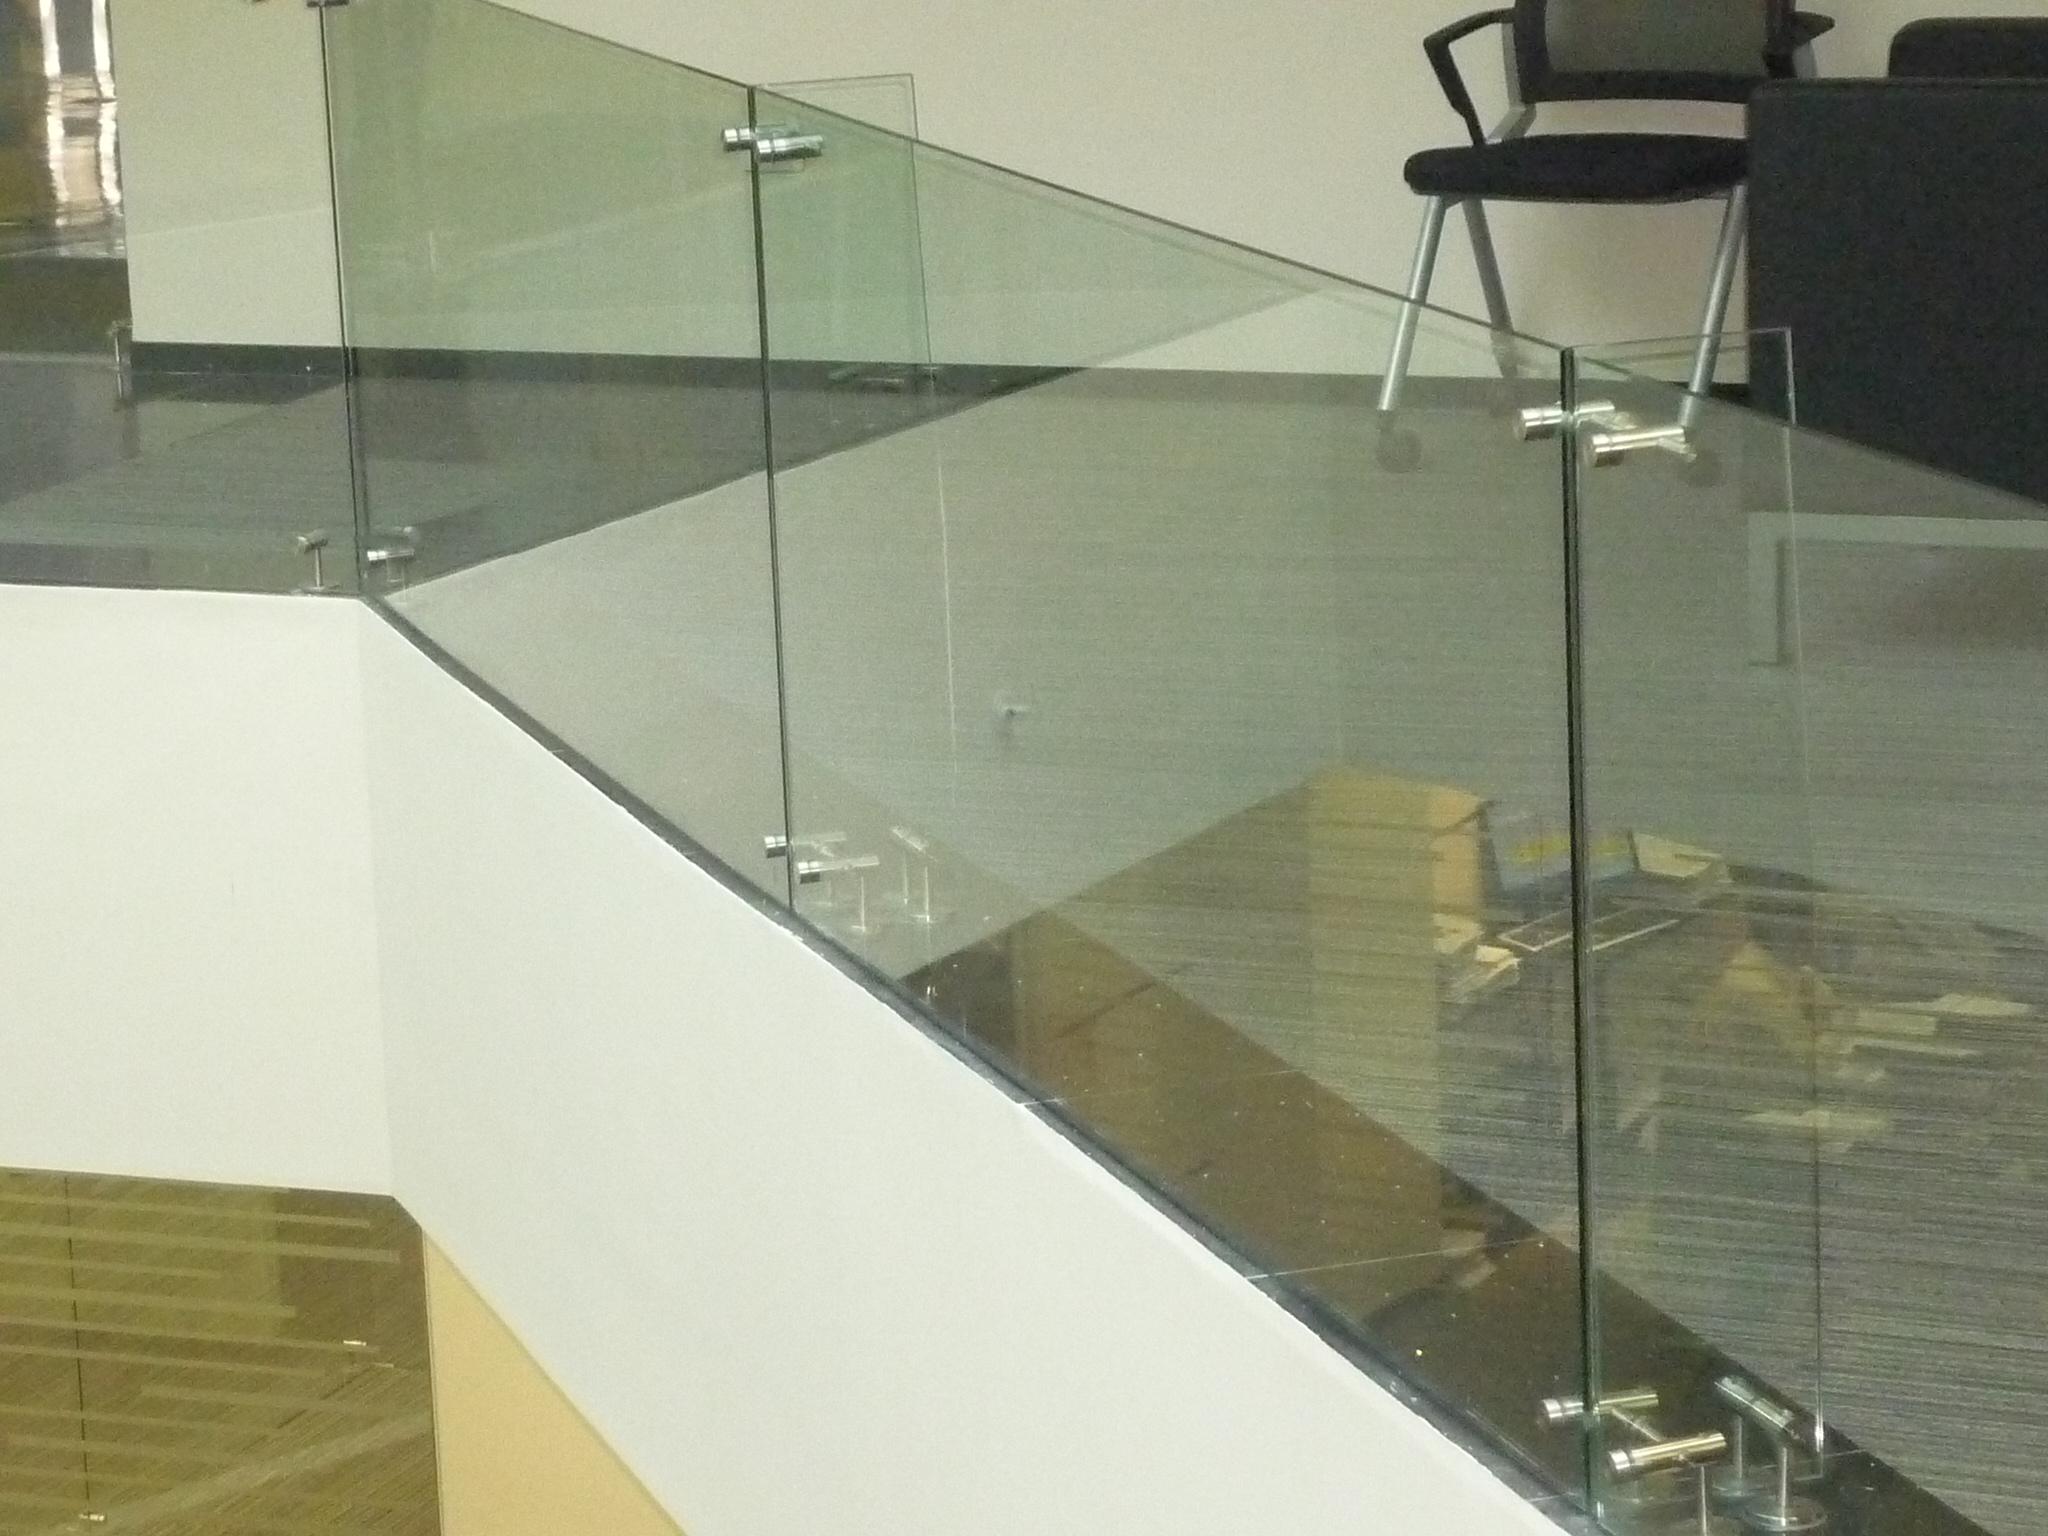 Cerramientos y pasamanos en acero inox y vidrio 4 romeral - Pasamanos de cristal ...